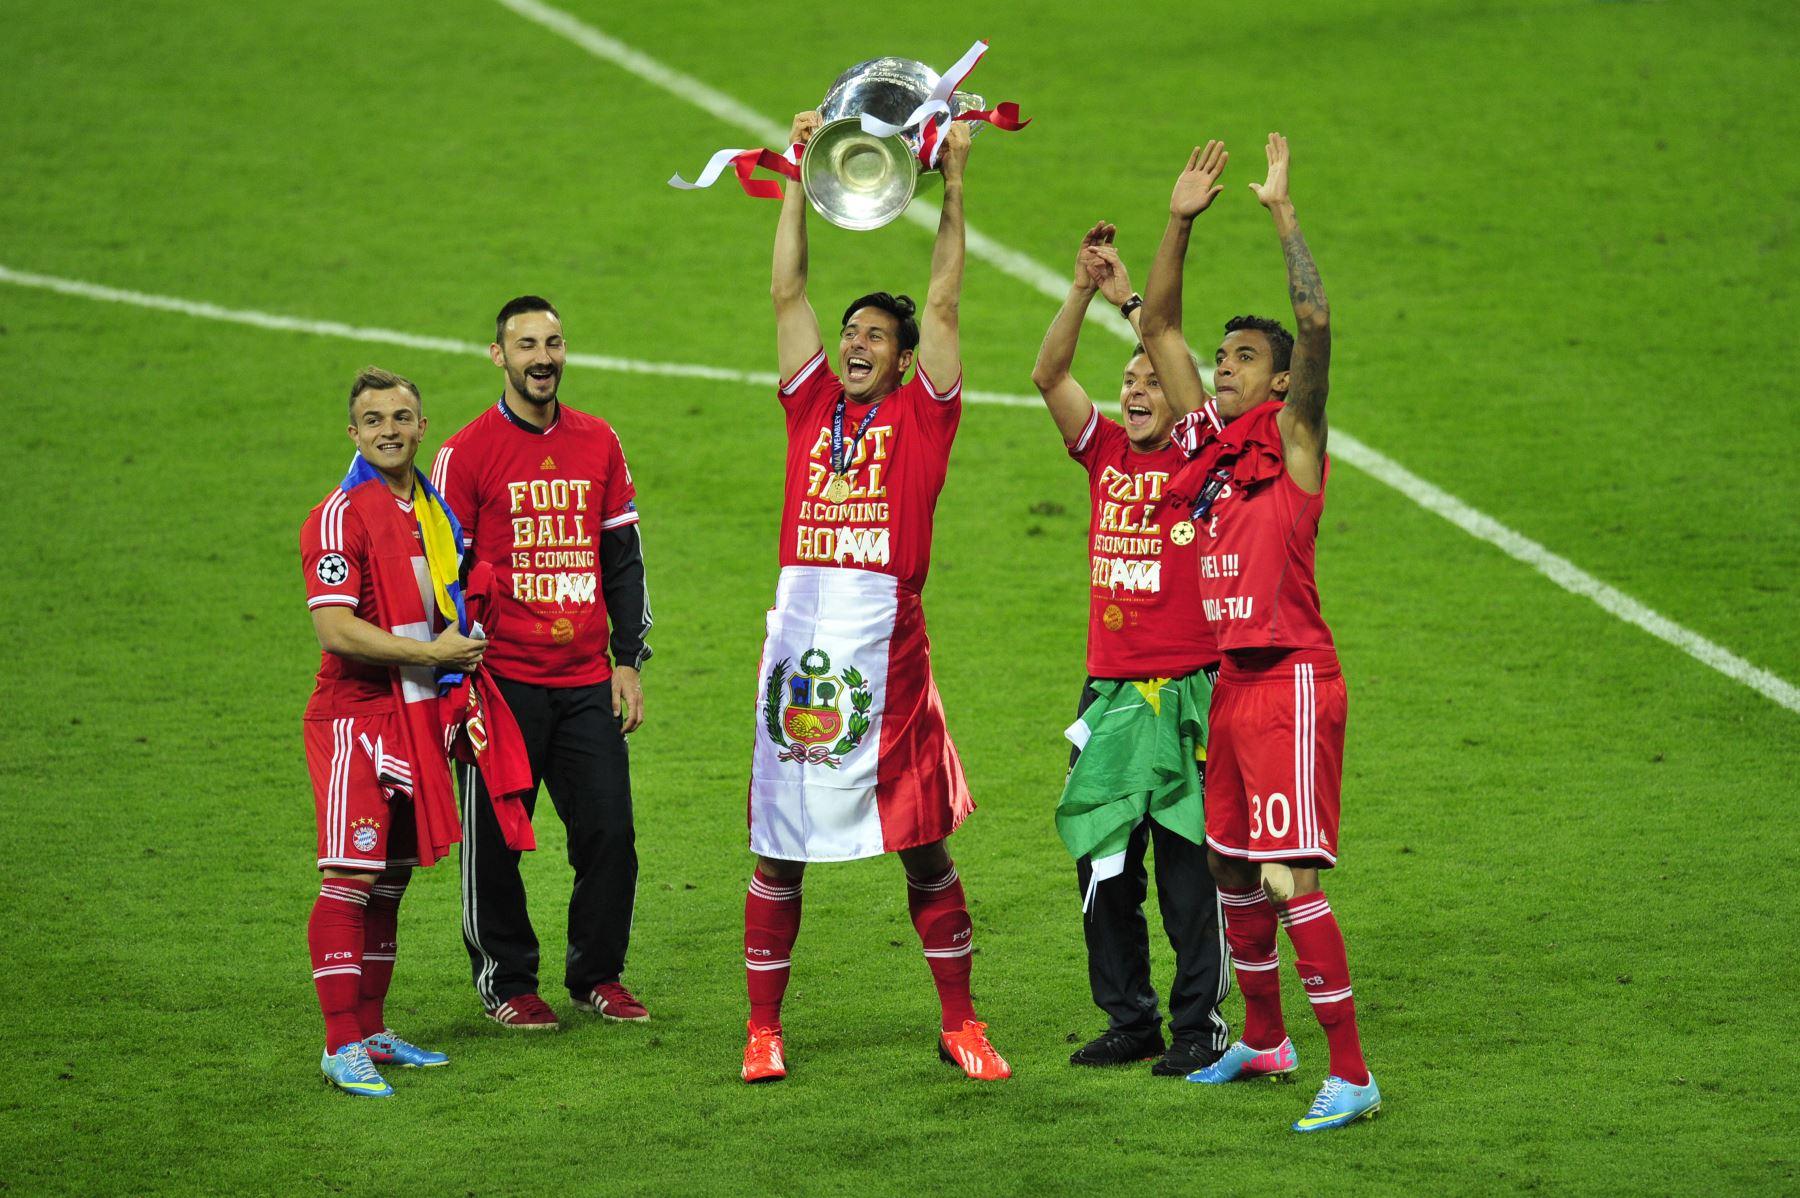 El delantero peruano del Bayern Munich, Claudio Pizarro, celebra con el trofeo en el campo junto a sus compañeros de equipo después de su victoria en la final de la UEFA Champions League entre el Borussia Dortmund y el Bayern Munich, en el estadio de Wembley en Londres, el 25 de mayo de 2013. Foto: AFP